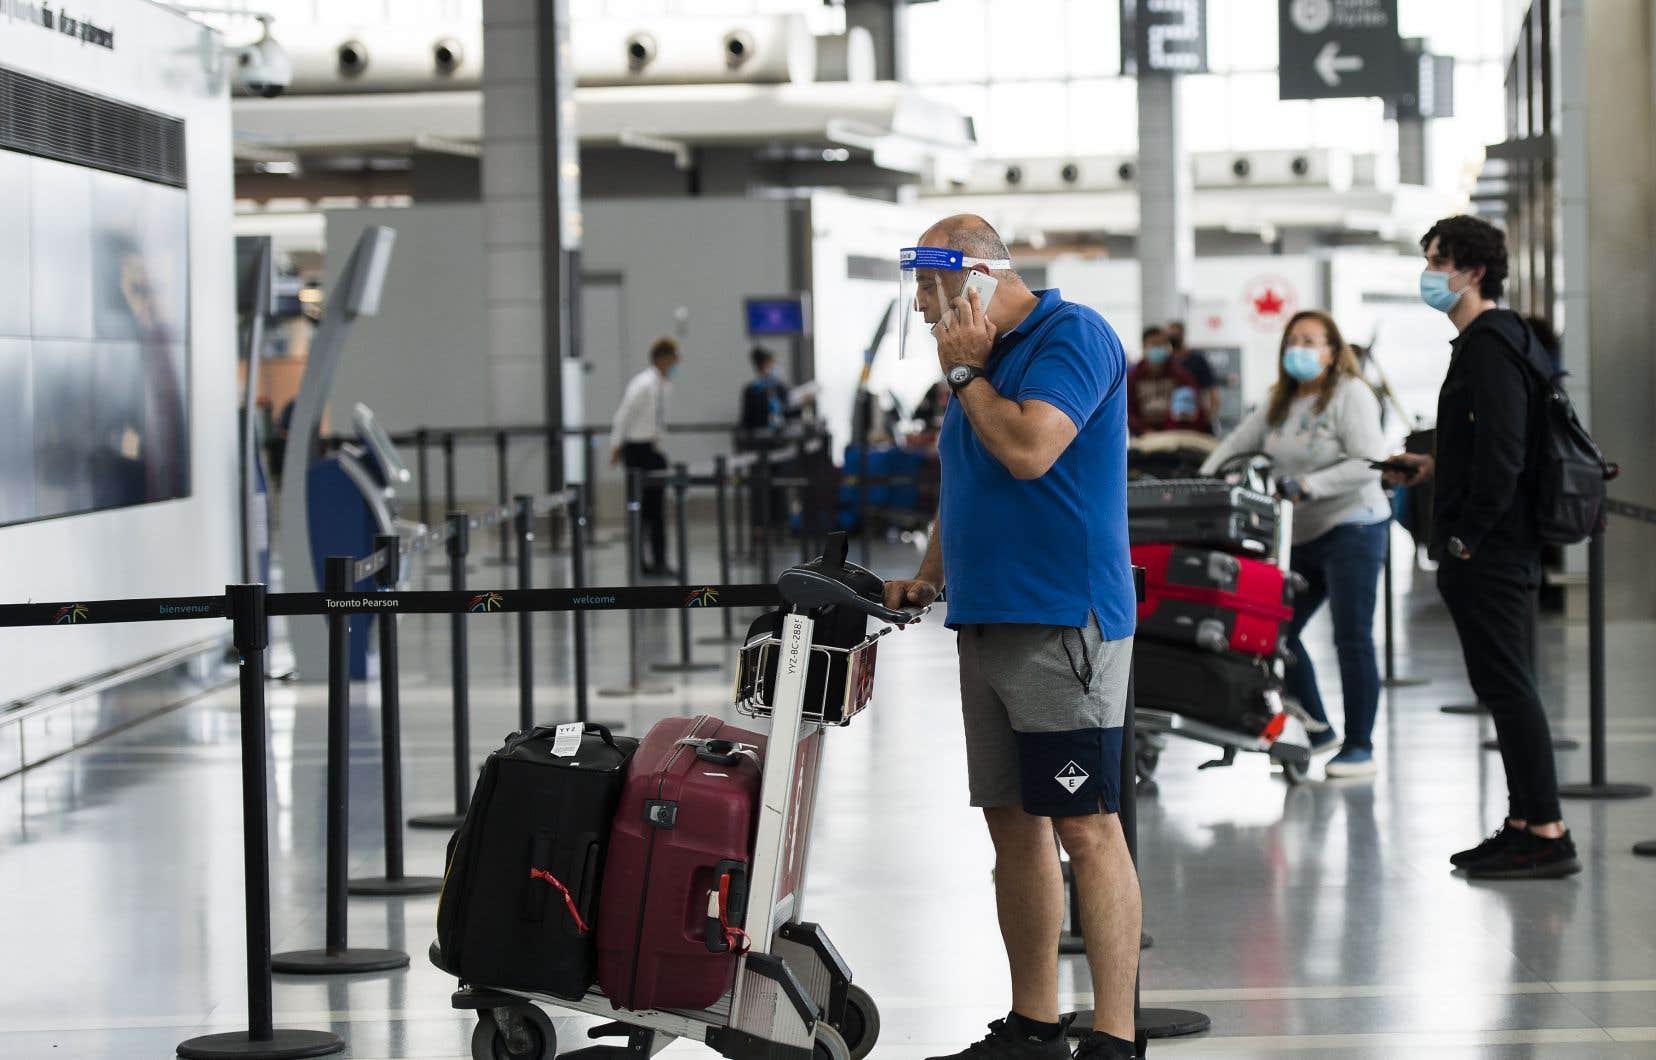 Selon des experts, la pandémie a permis d'exposer les lacunes de la nouvelles charte des voyageurs, alors que des milliers de passagers ont vu leur vol annulé sans pouvoir se faire rembourser.